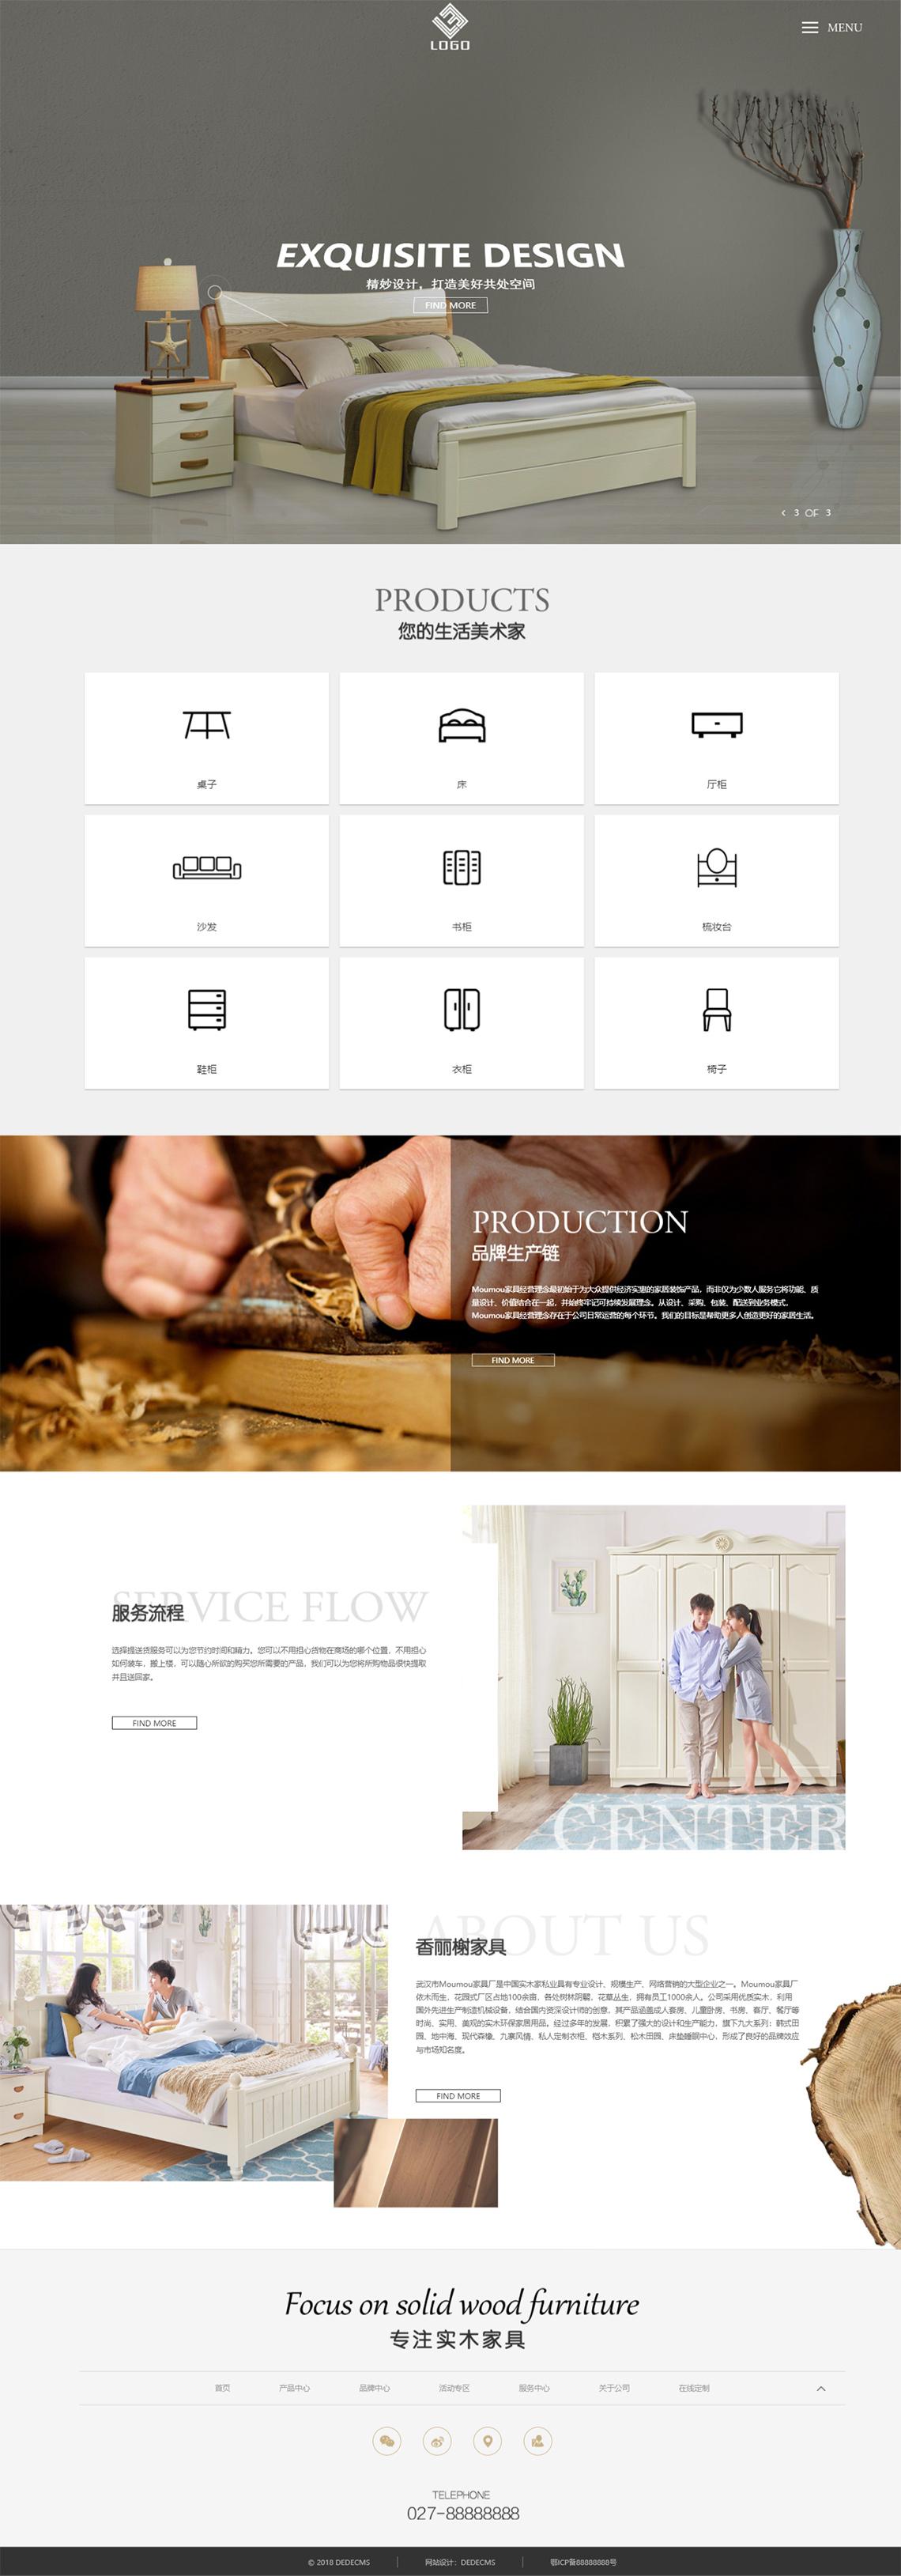 高端酷炫实木家具类响应式网站html模板 -2